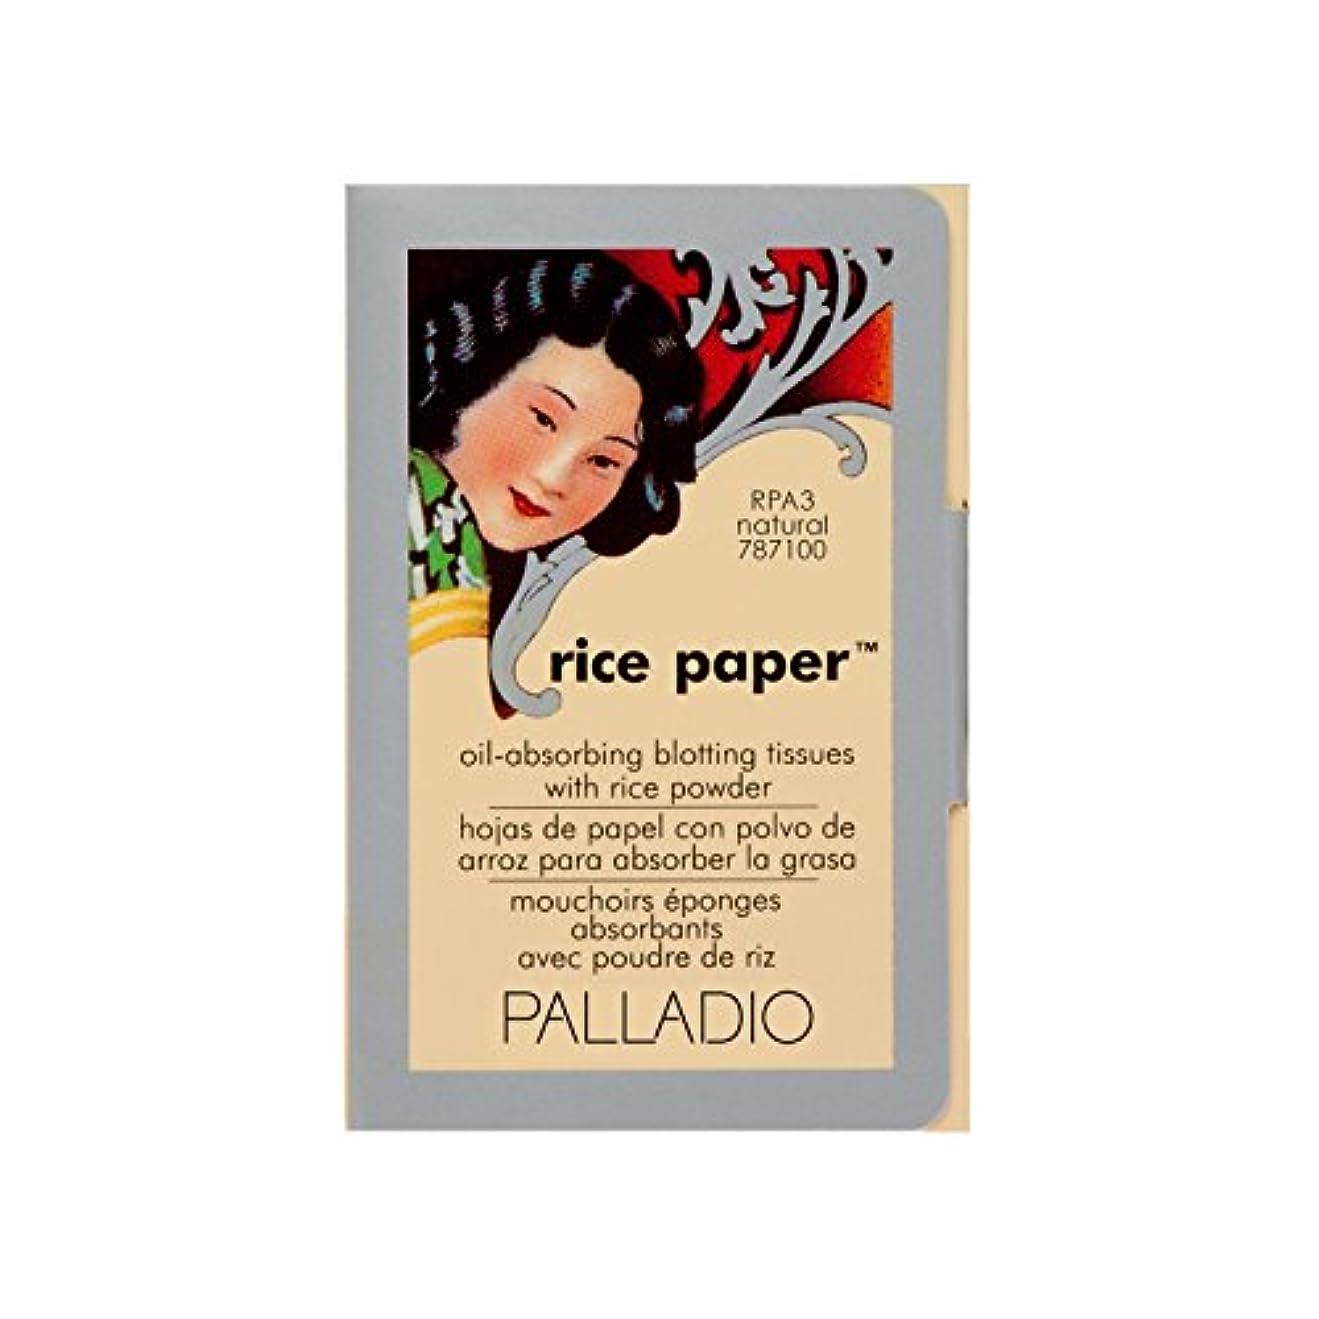 普通にバッフルアボートPalladio ライスペーパーティッシュ、米粉と顔あぶらとりシートは、オイルを吸収し、肌が新鮮で財布や旅行のための滑らかな、コンパクトなサイズを探し滞在を支援します ナチュラル